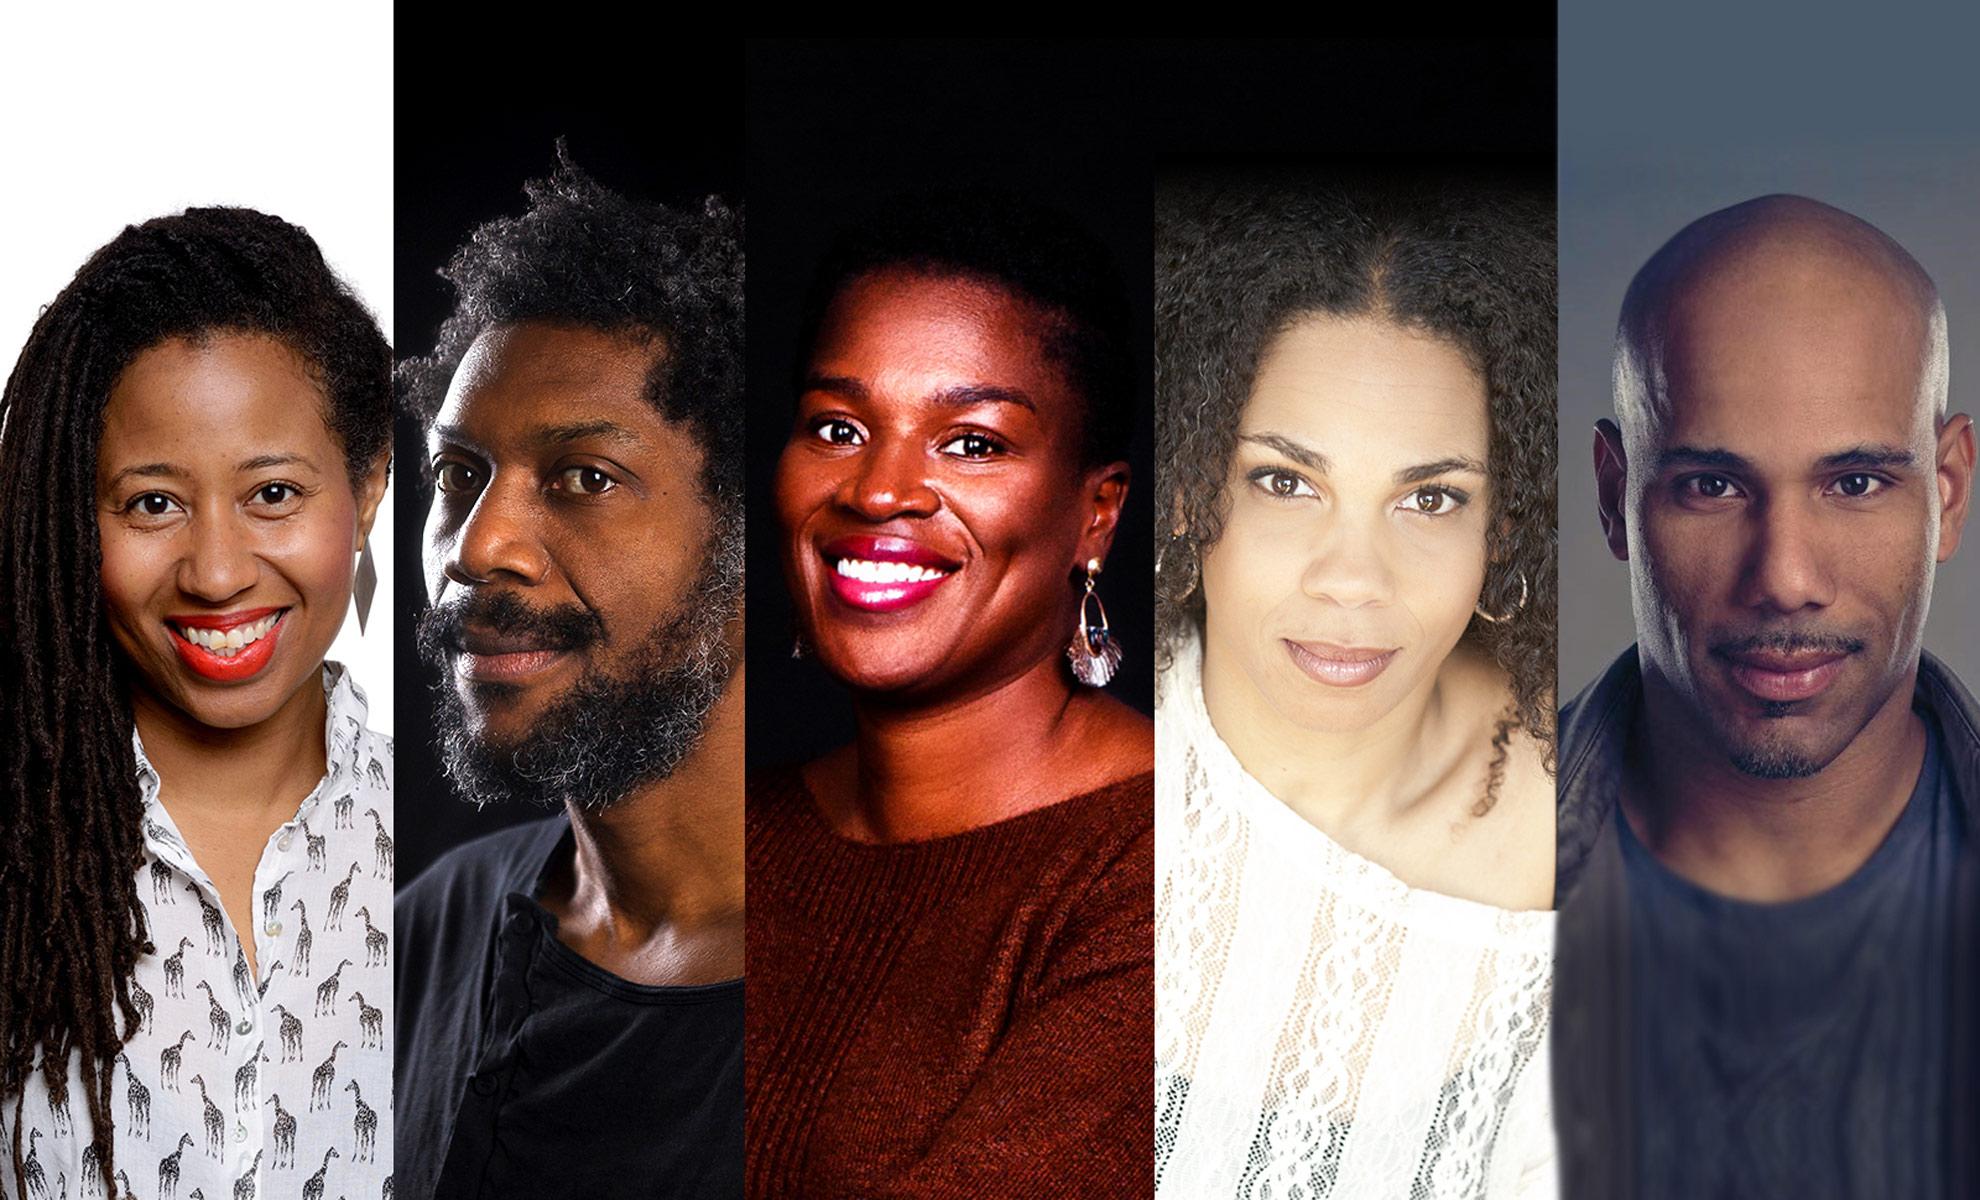 Dynamisme culturel des communautés noires à Montréal - Webdiffusion